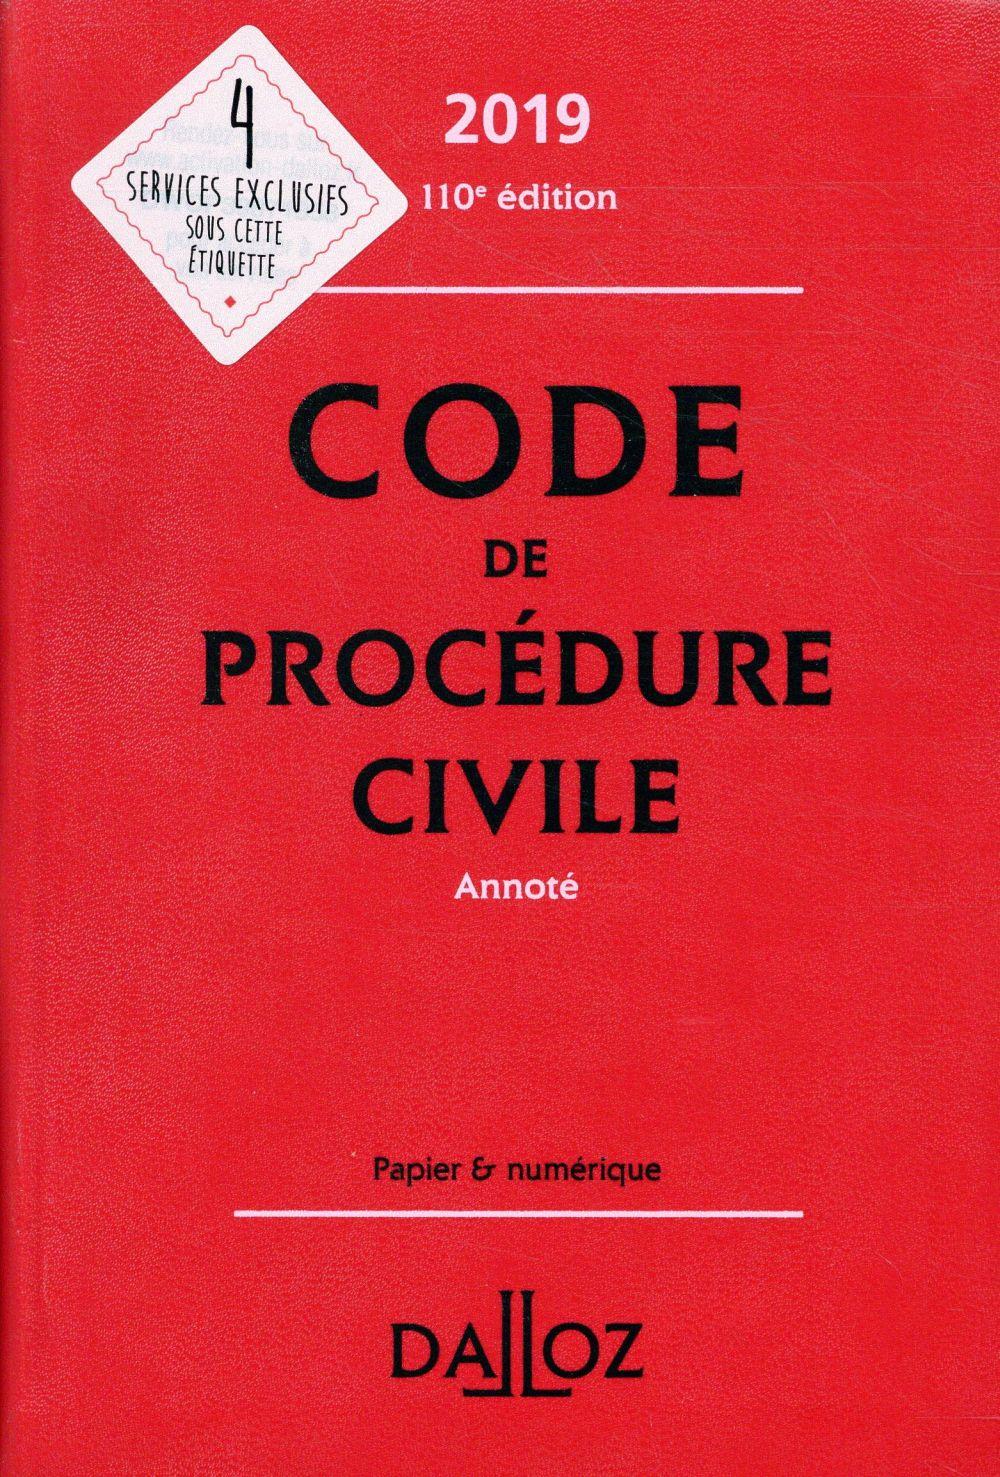 CODE DE PROCEDURE CIVILE 2019, ANNOTE - 110E ED.  DALLOZ